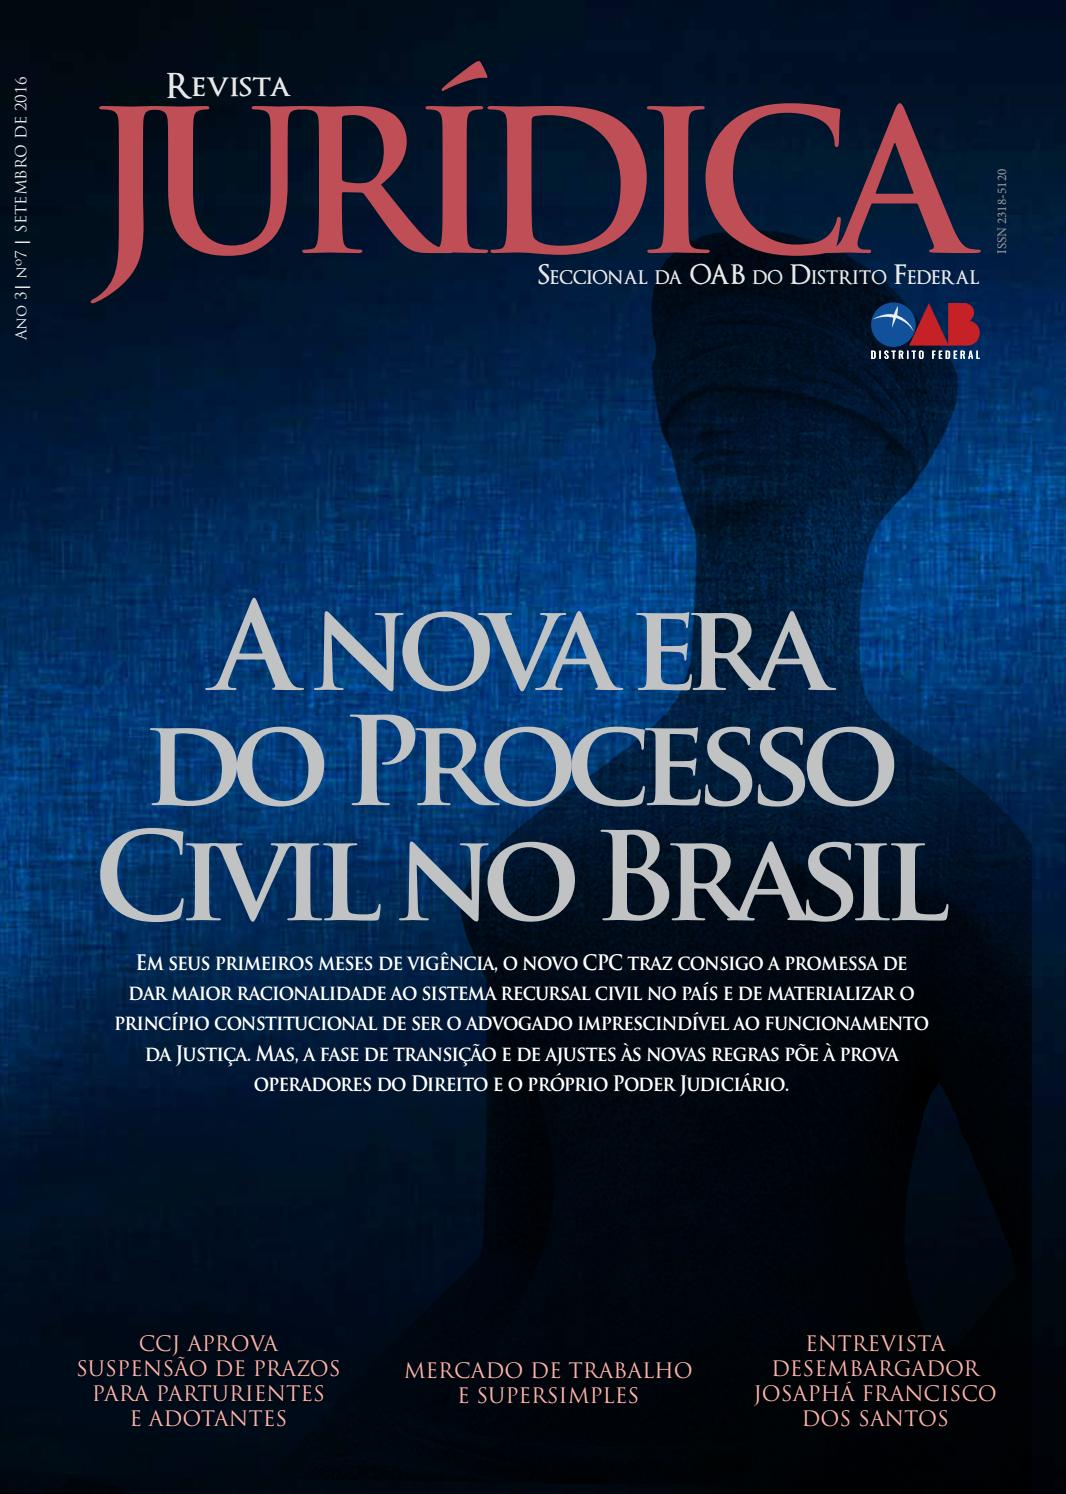 b1a1c1861 Revista juridica oabdf ed7 site by Ordem dos Advogados do Brasil – Seção do  Distrito Federal - issuu